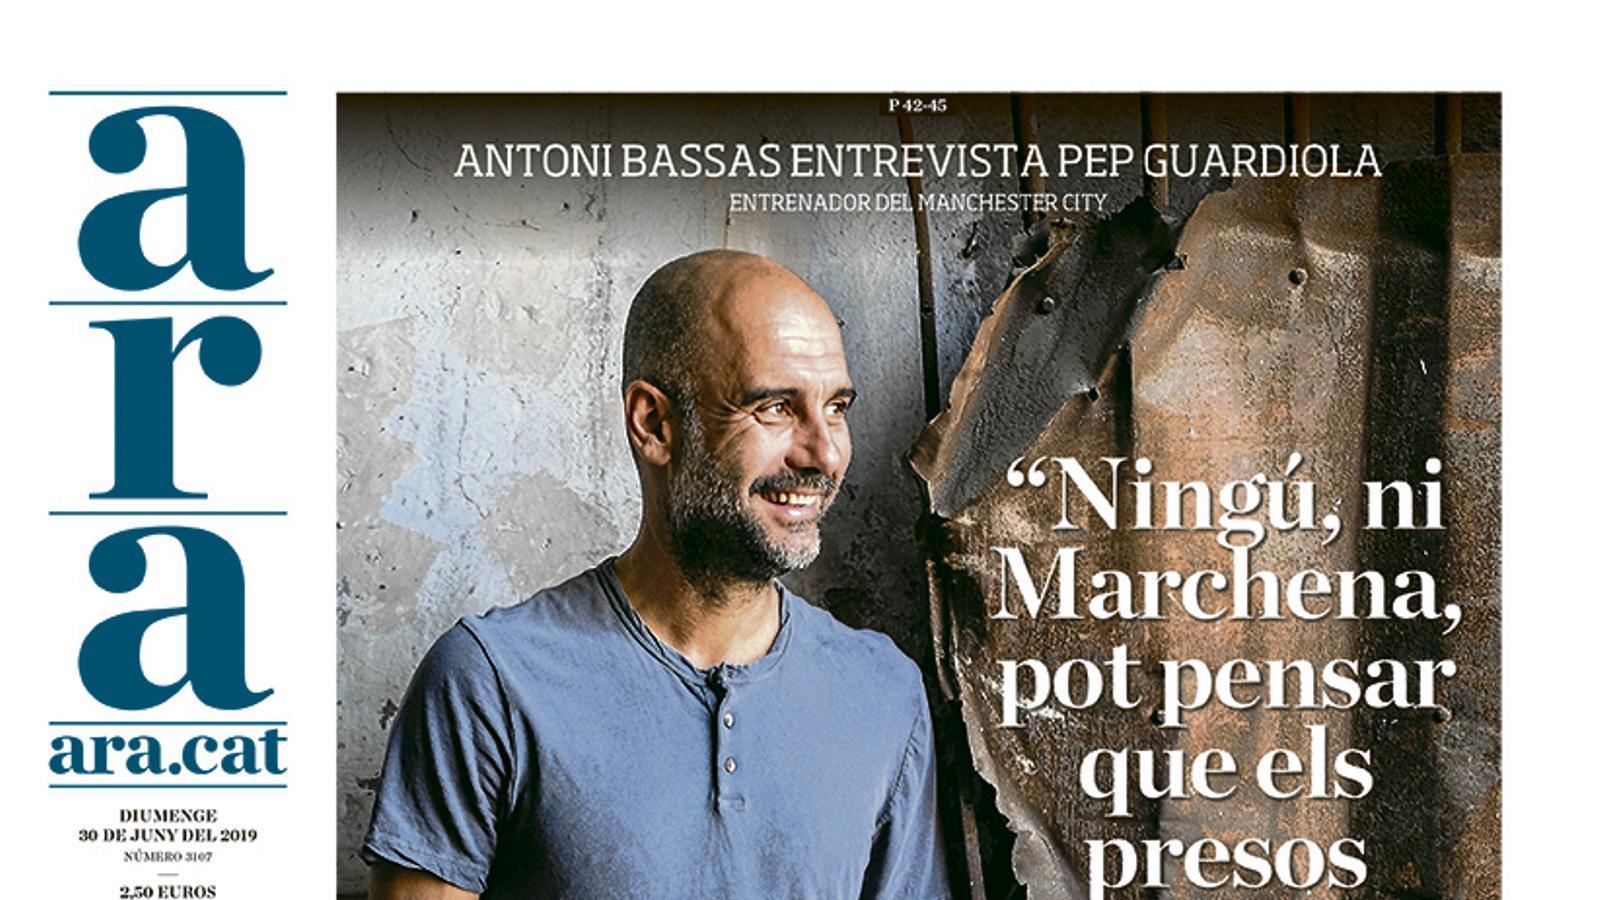 """Pep Guardiola: """"Ningú, ni Marchena, pot pensar que els presos mereixen passar tantss anys a la presó"""""""